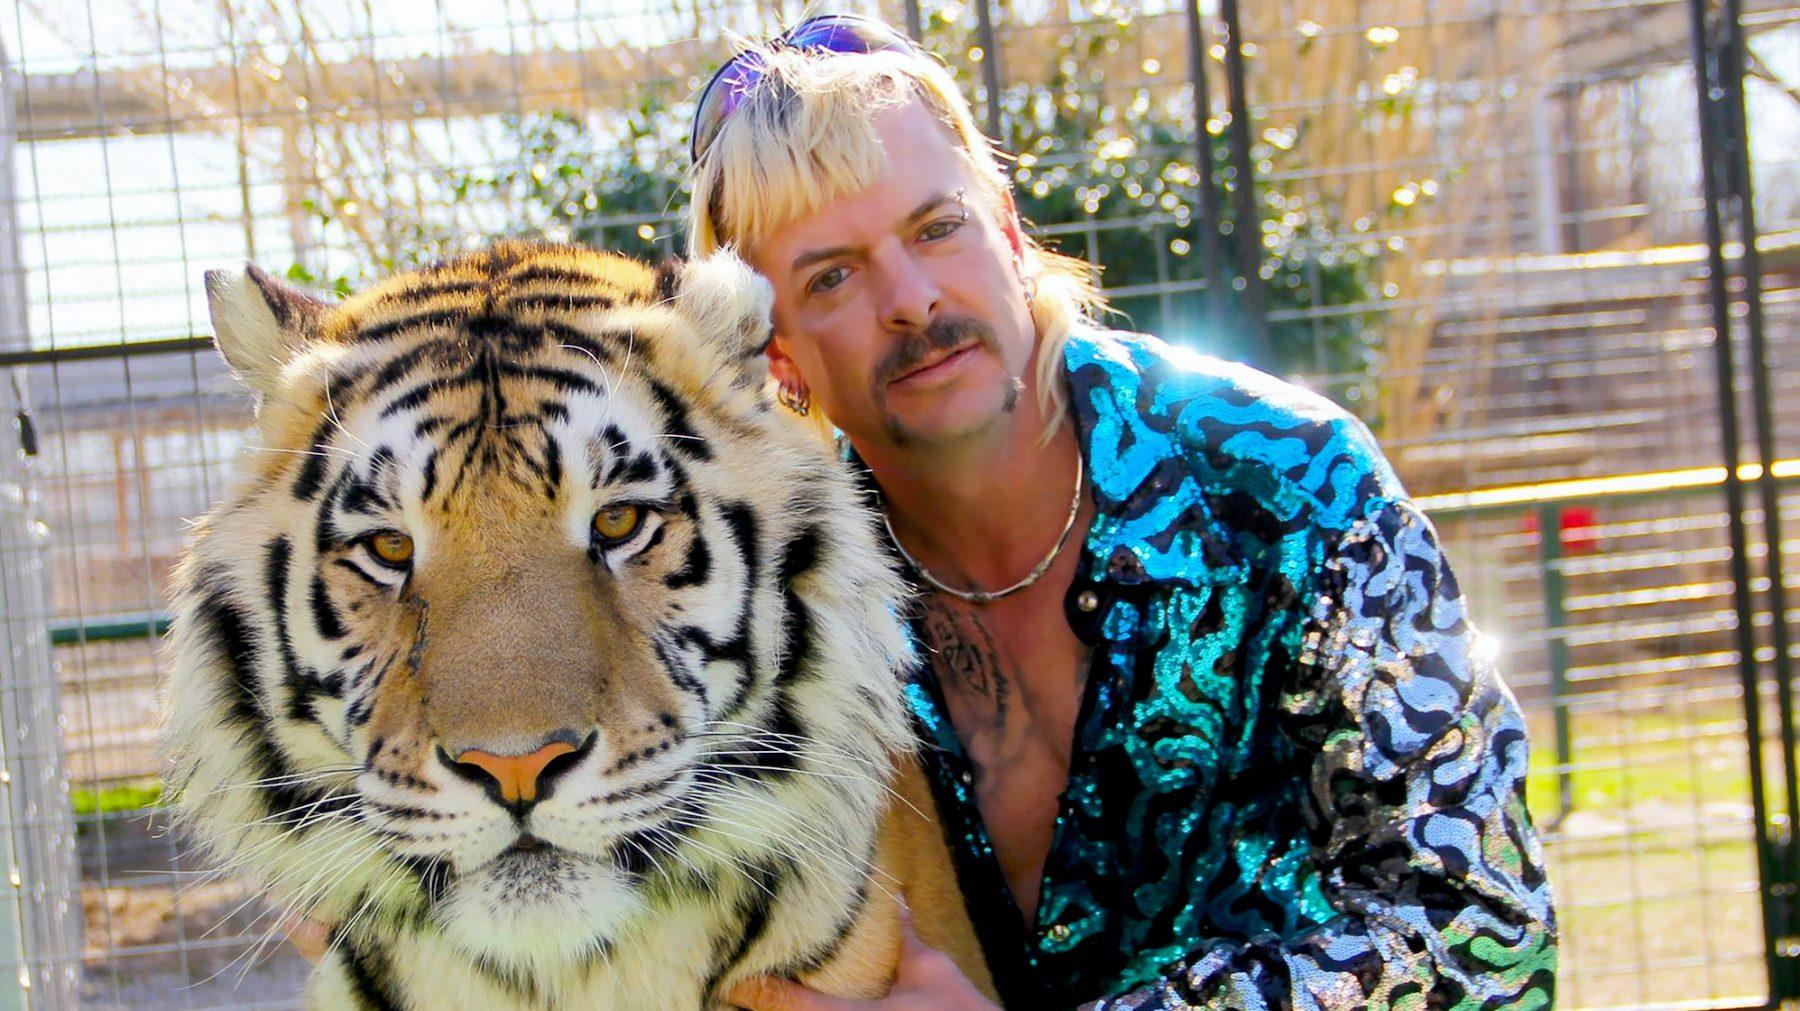 joe exotic tiger king onderbroekenlijn onderbroek